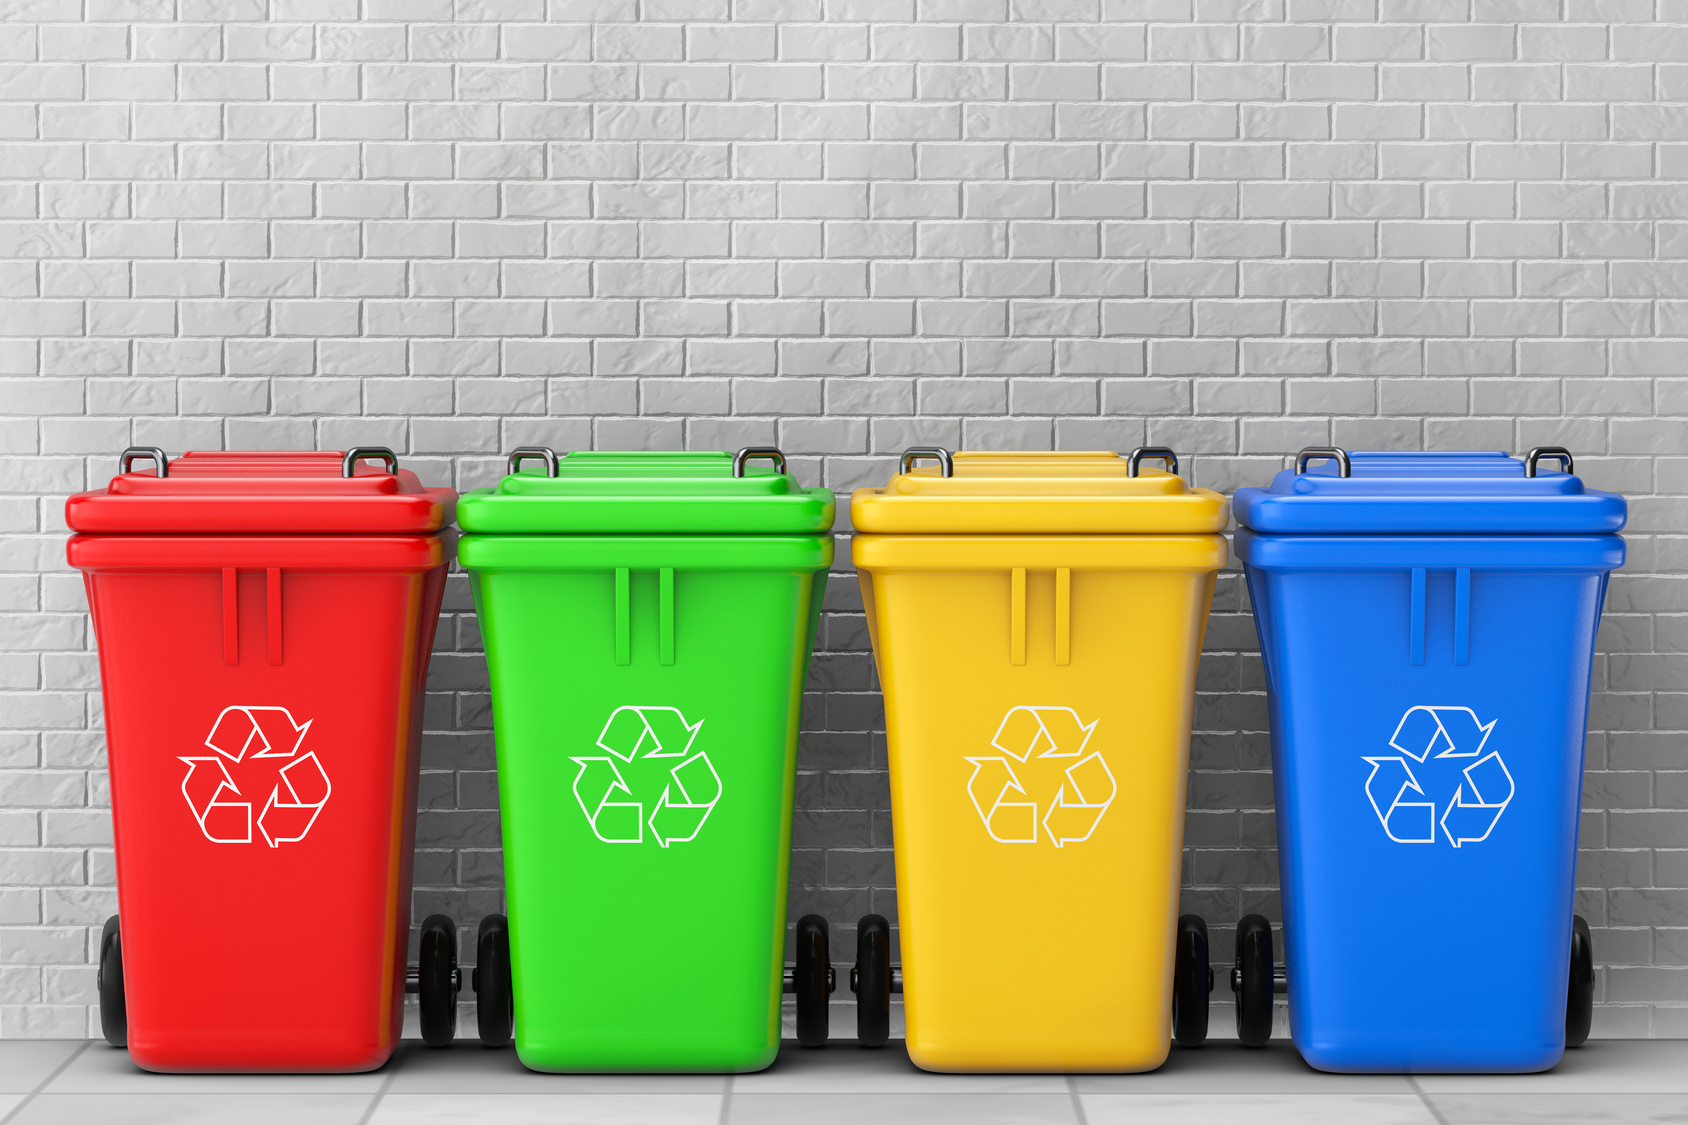 Różnokolorowe pojemniki na odpady komunalne w Krakowie